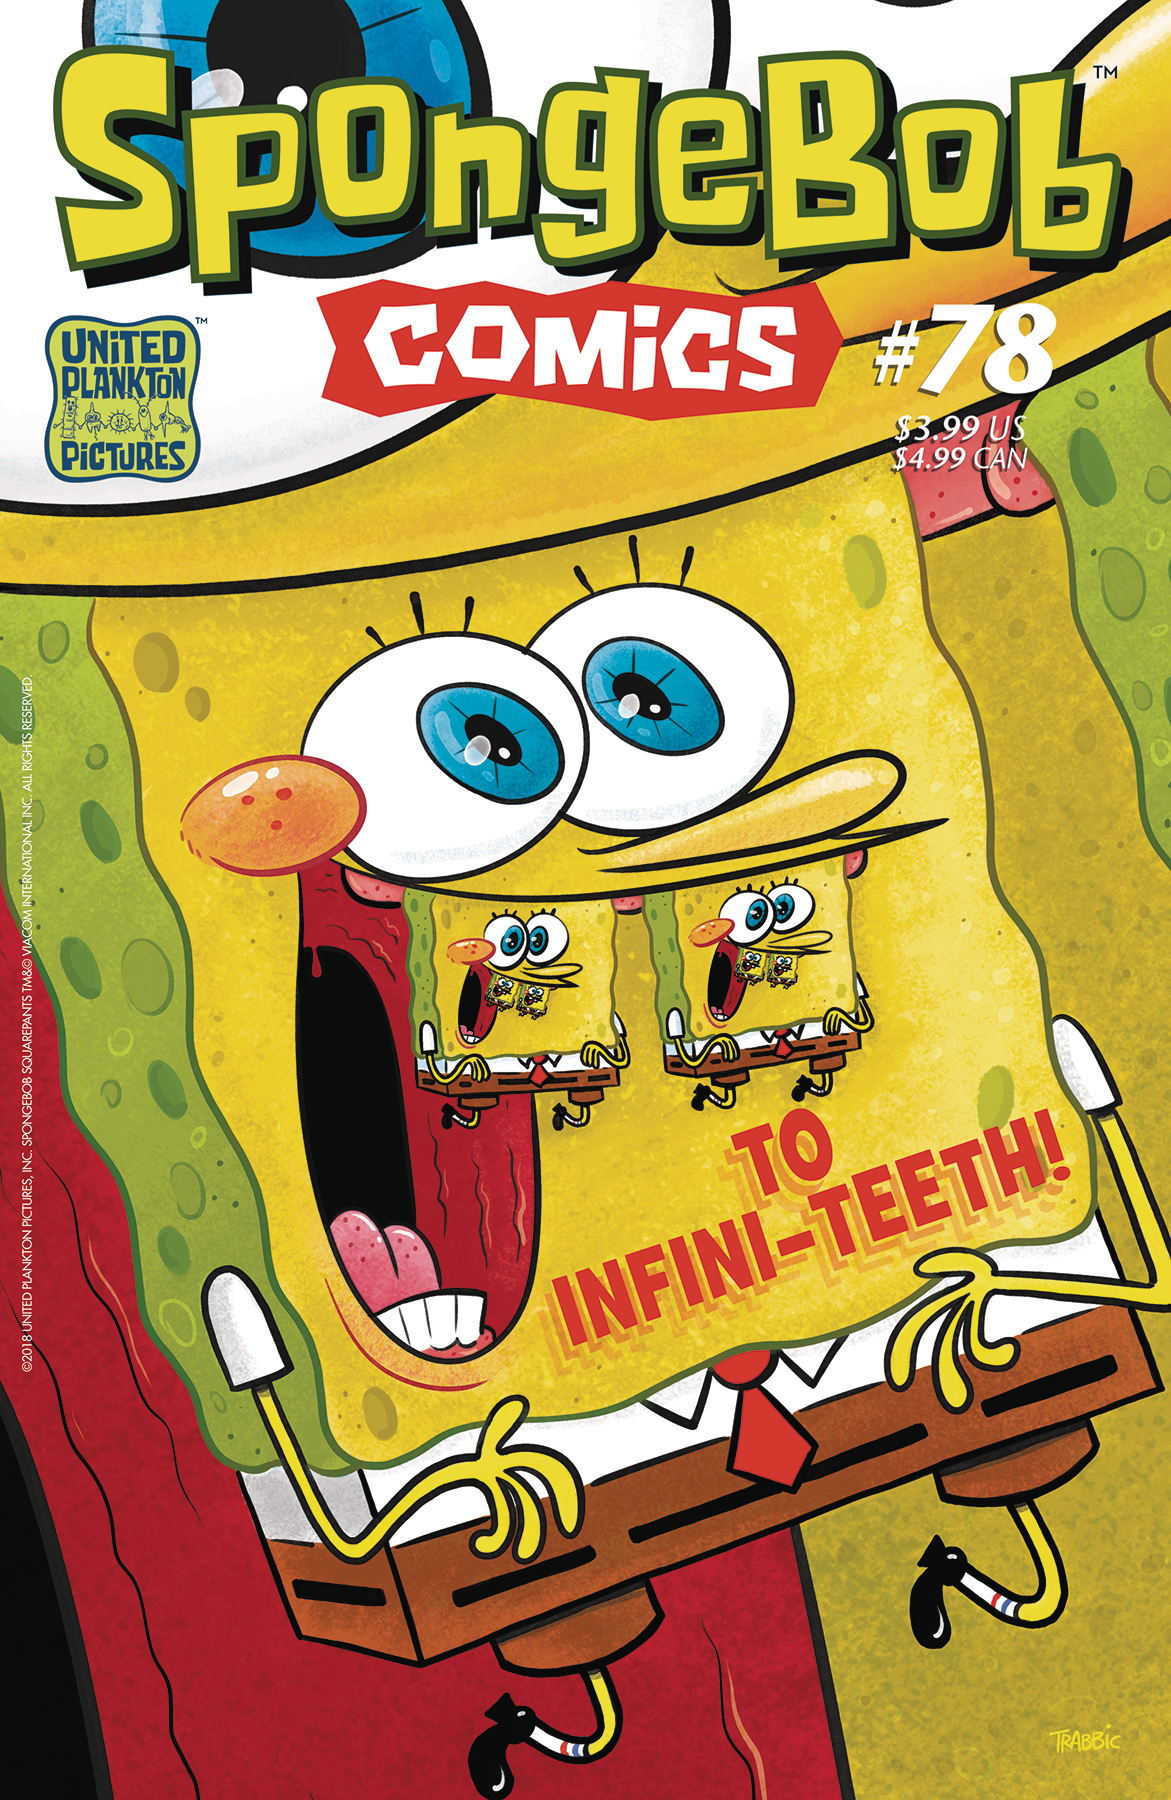 SpongeBob Comics No. 78